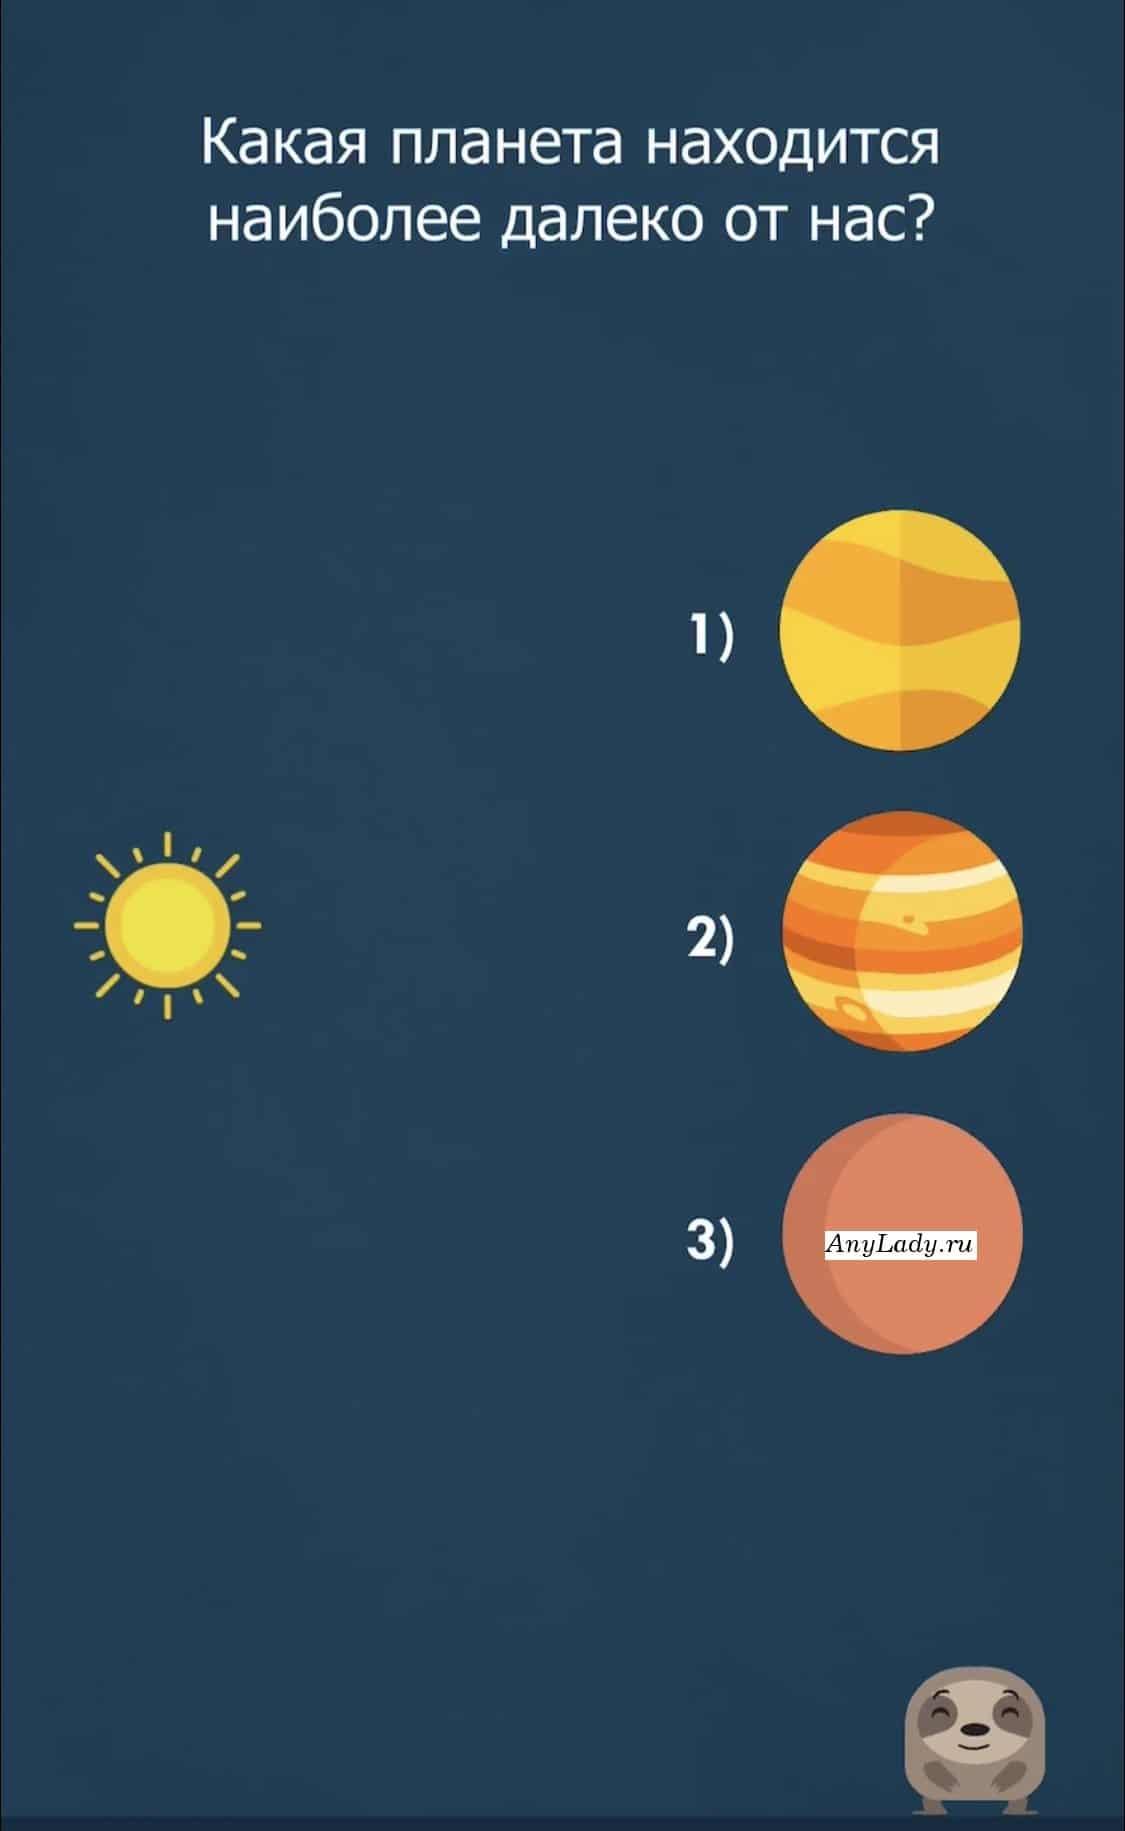 """Ищите дальнюю планету от фразы: """"ОТ НАС?"""" и это будет планета под номером три."""